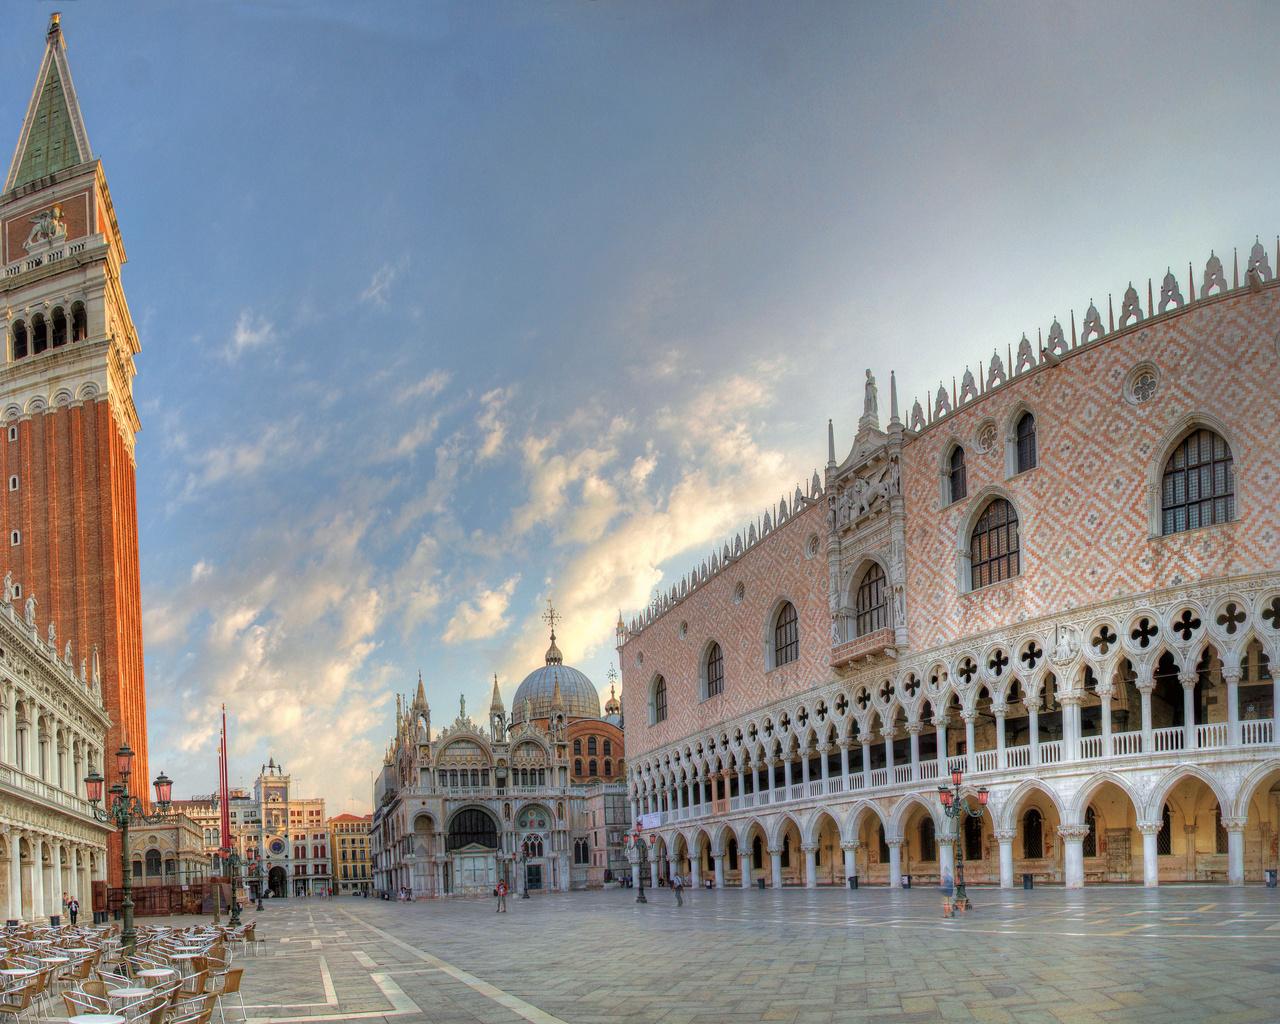 площадь сан-марко, italy, Piazza san marco, venice, италия, венеция